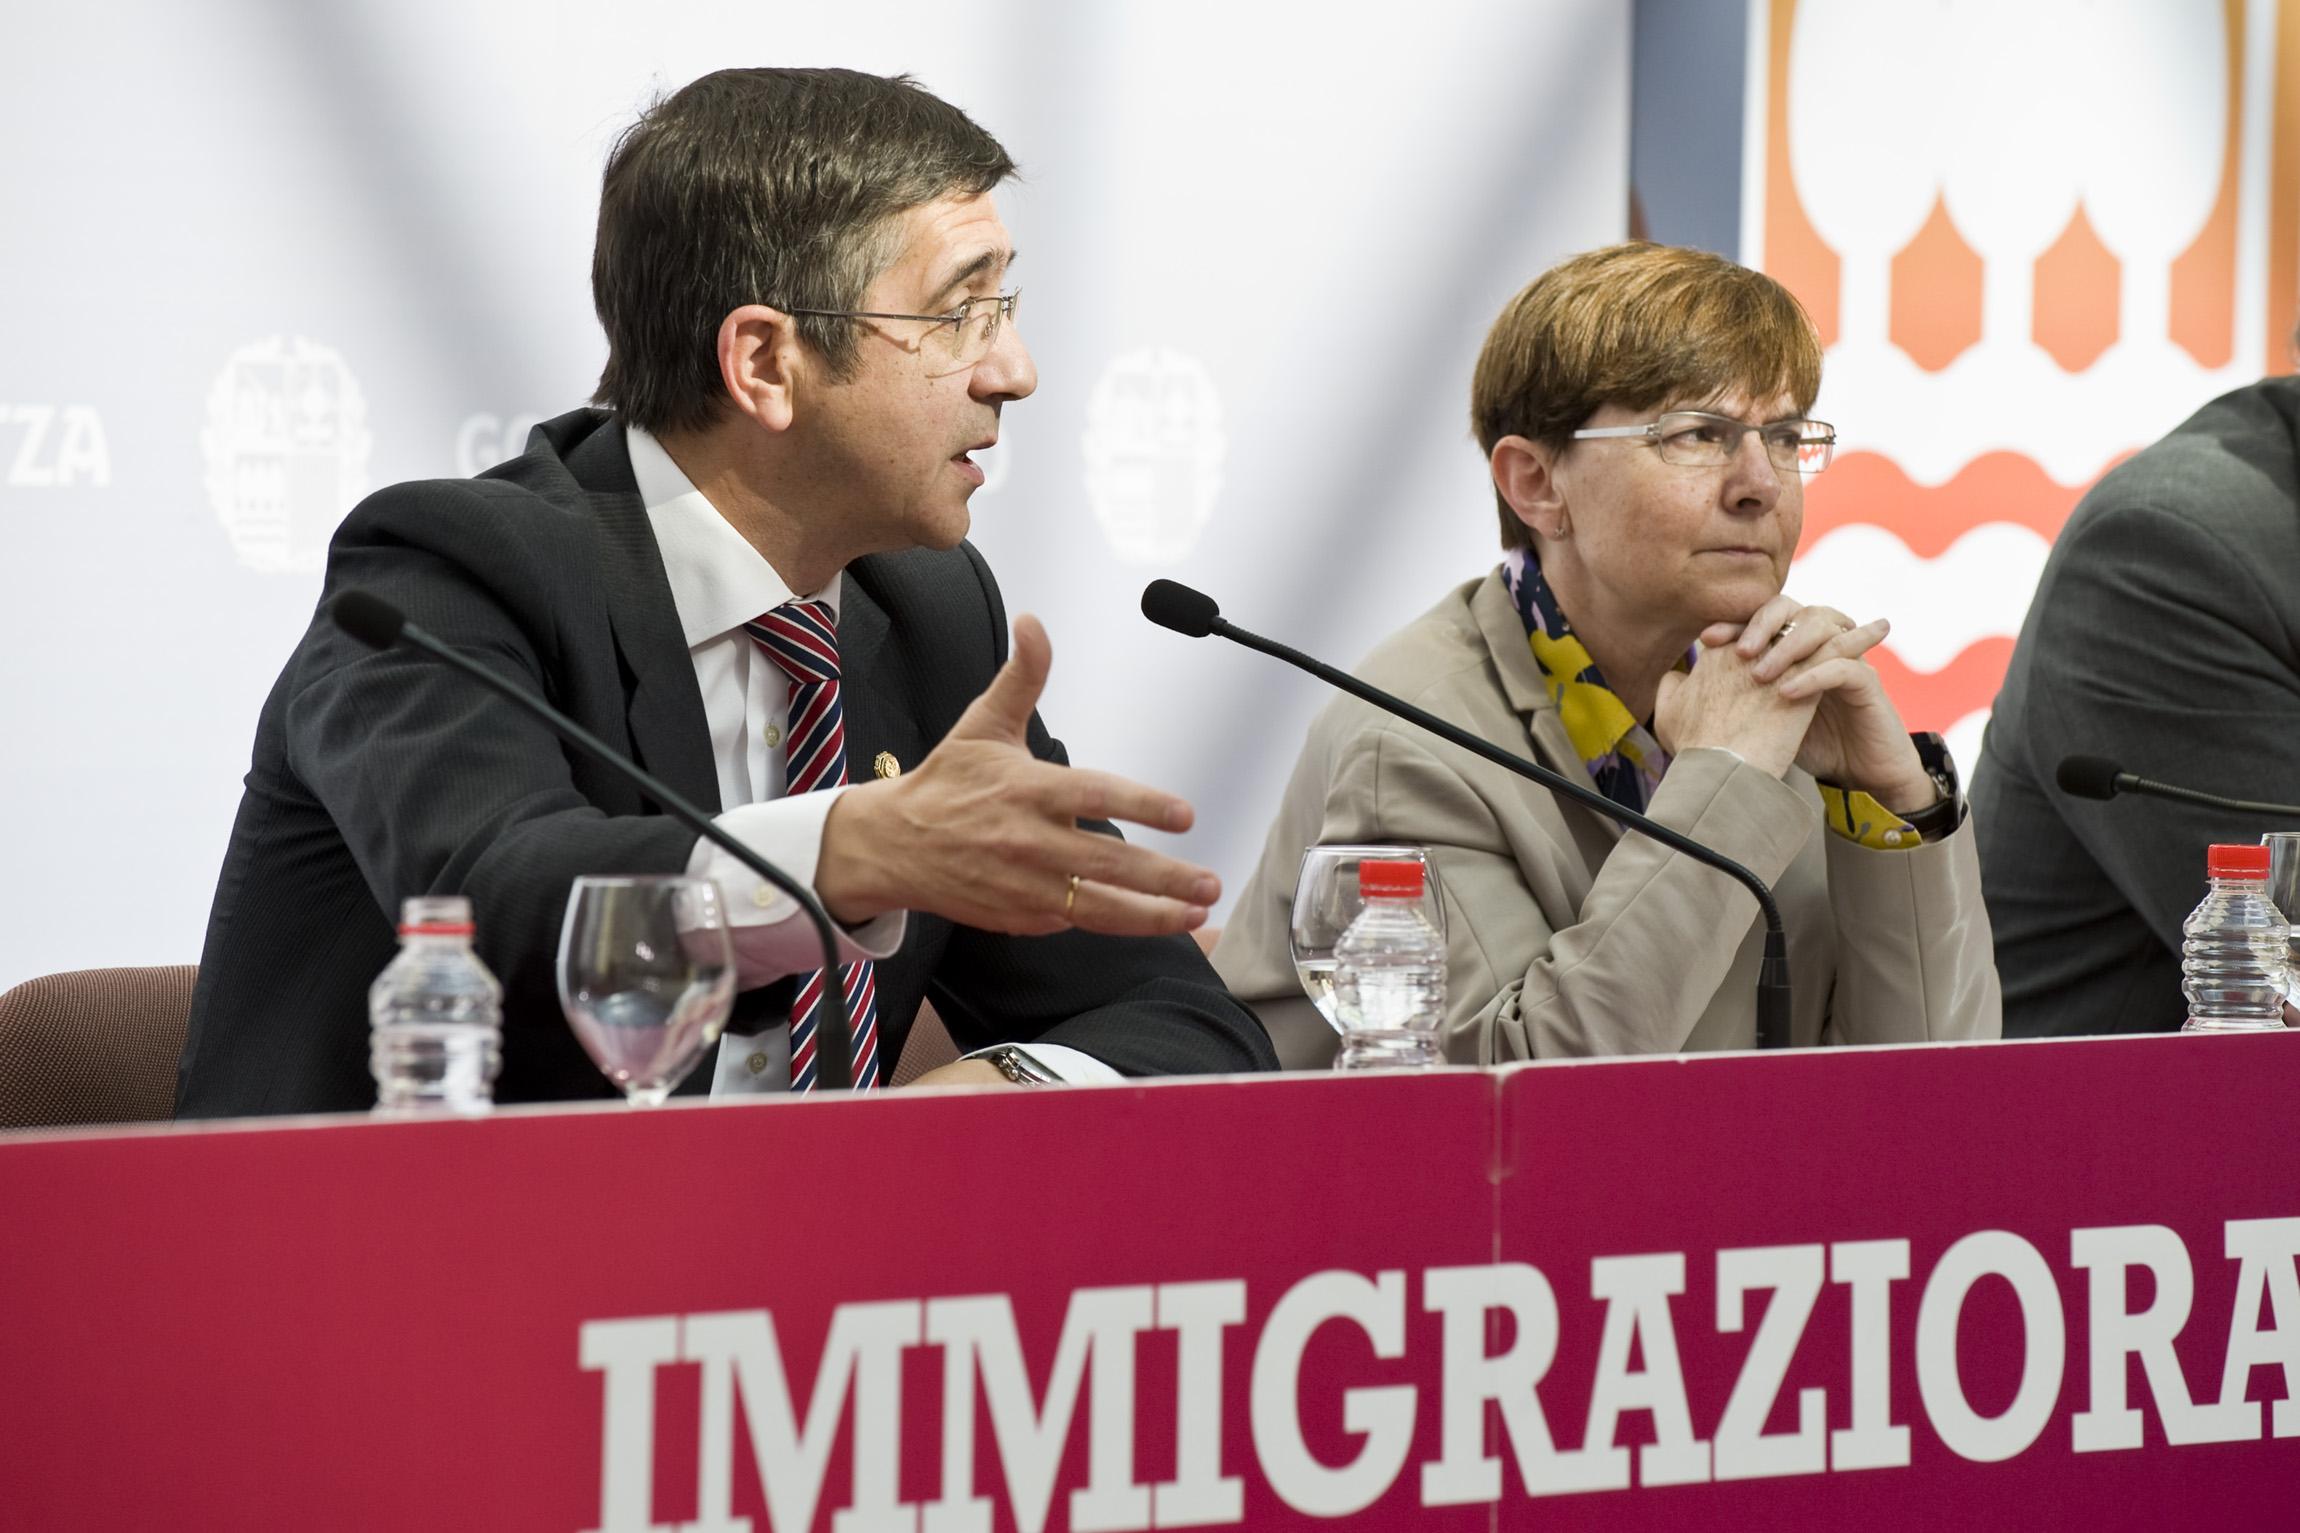 2012_05_09_lehen_inmigracion_043.jpg